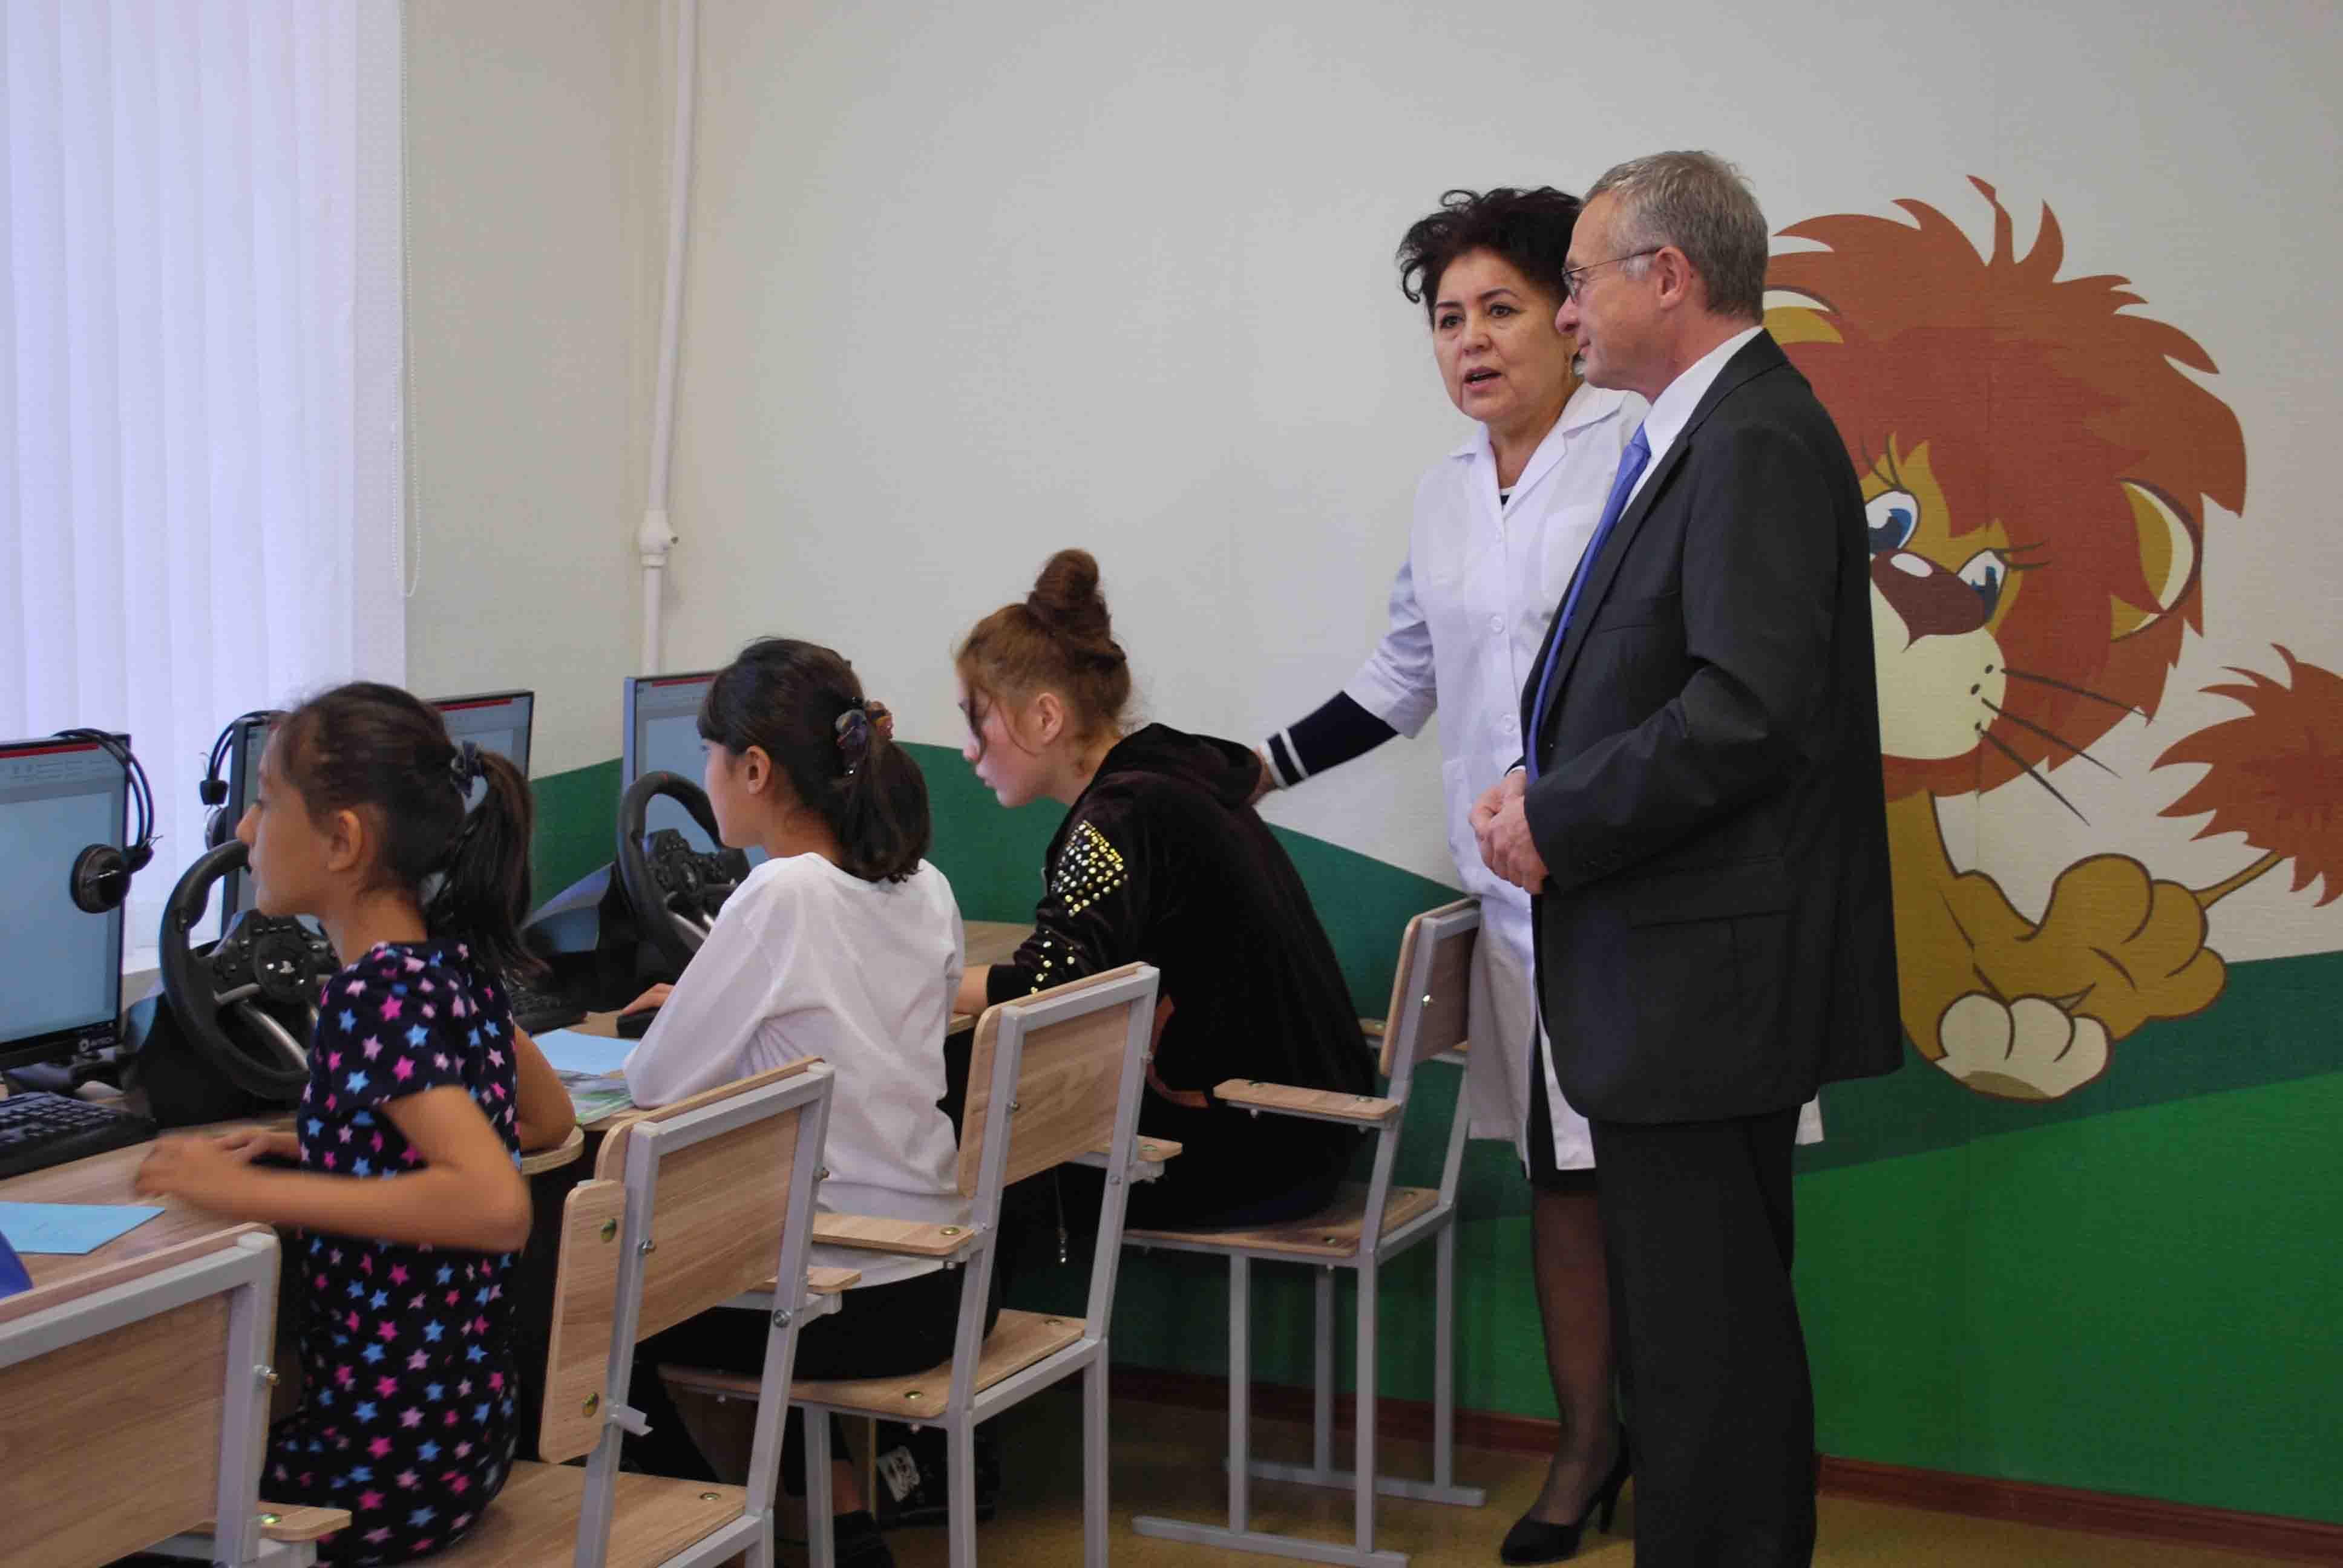 http://medicalexpress.ru/uploads/news/openning%20classroom/DSC_2483.jpg